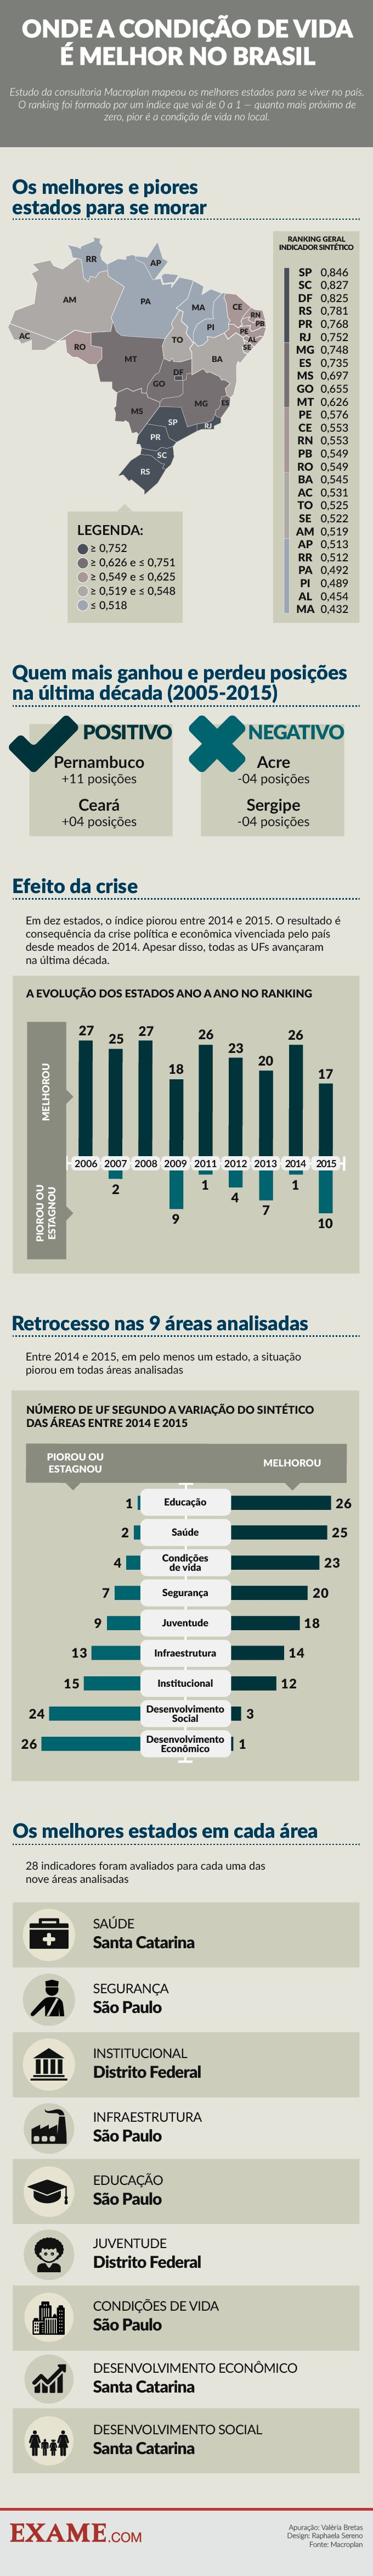 Os estados com a melhor (e a pior) condição de vida no Brasil